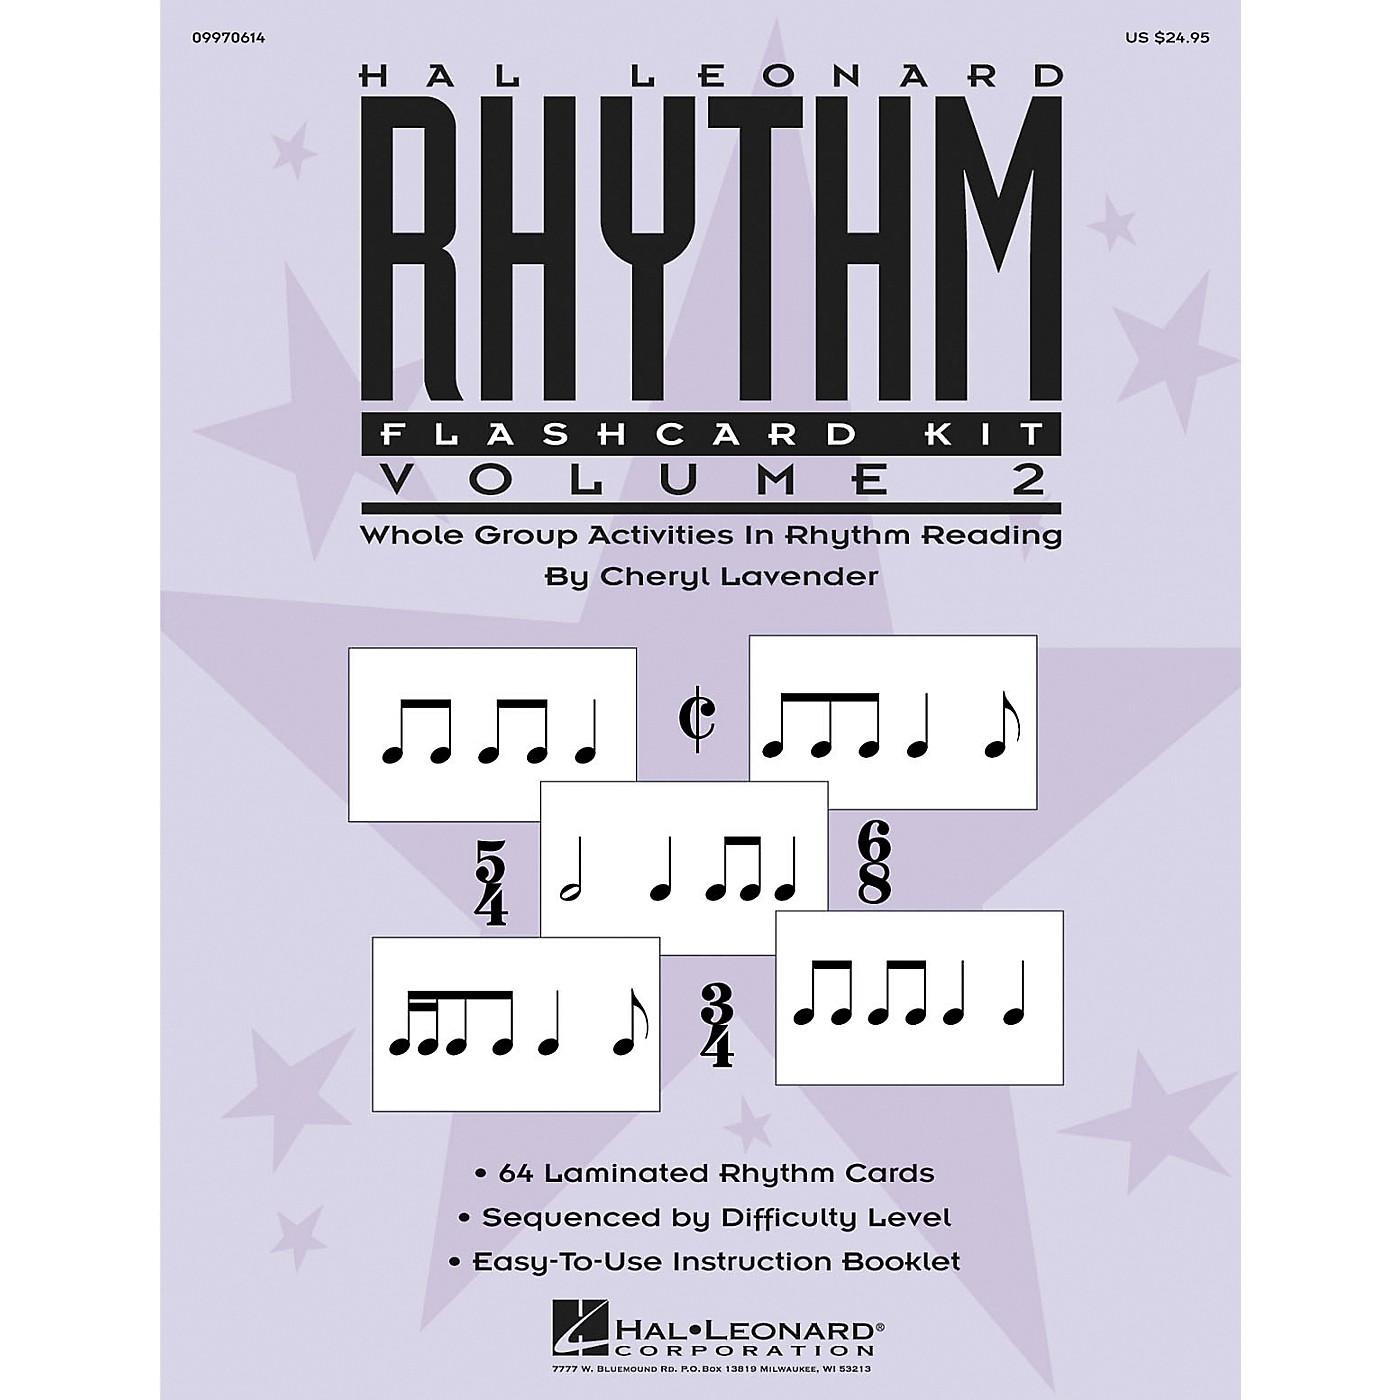 Hal Leonard Rhythm Flashcard Kit Vol. 2 thumbnail